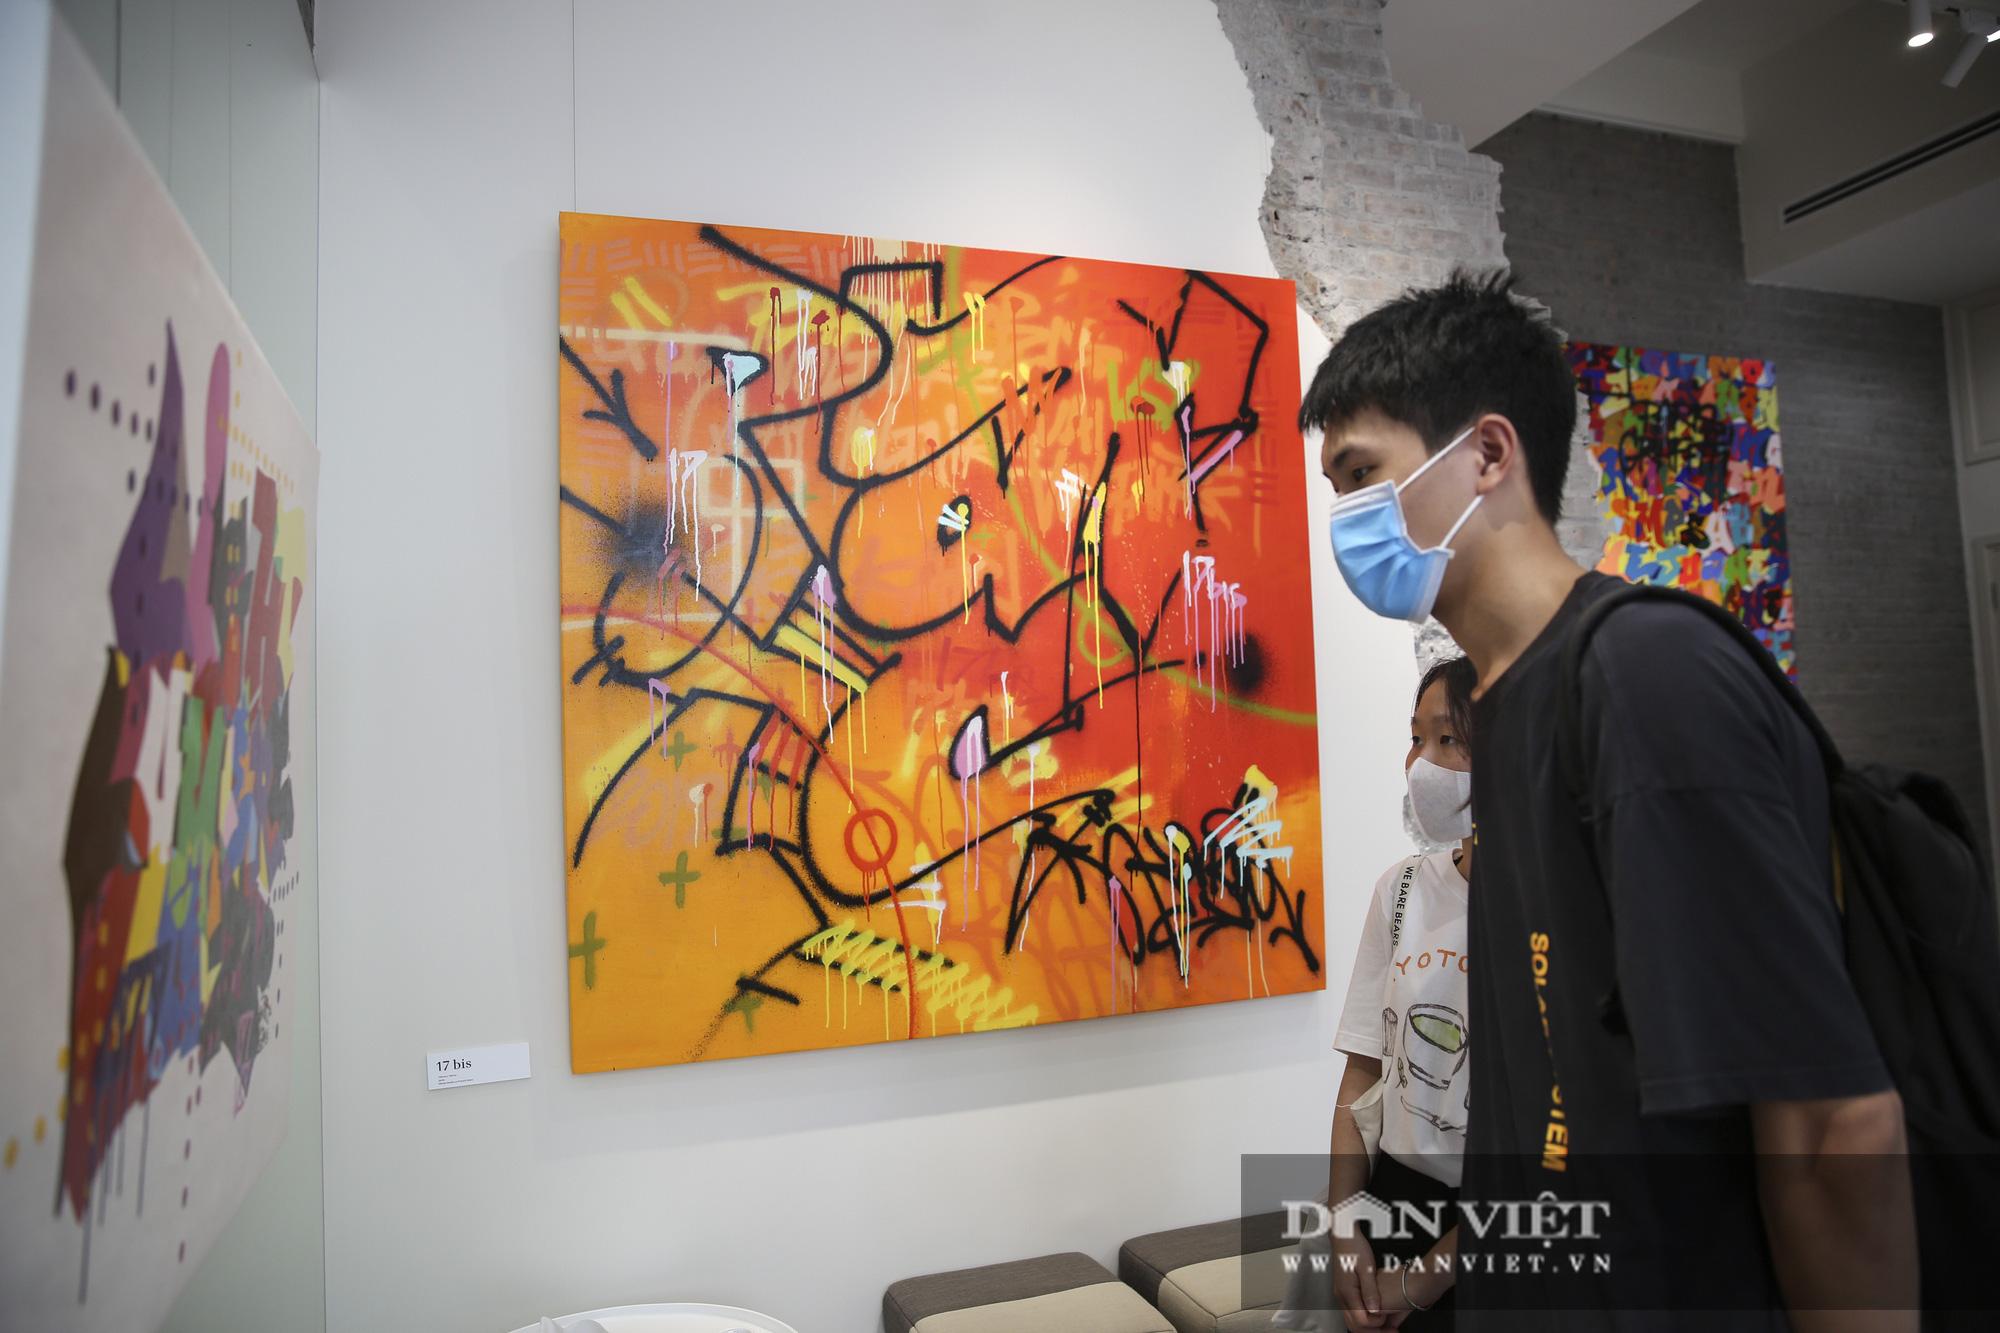 Cận cảnh phòng tranh graffiti tiền tỷ của huyền thoại Cyrial Kongo tại Hà Nội - Ảnh 9.